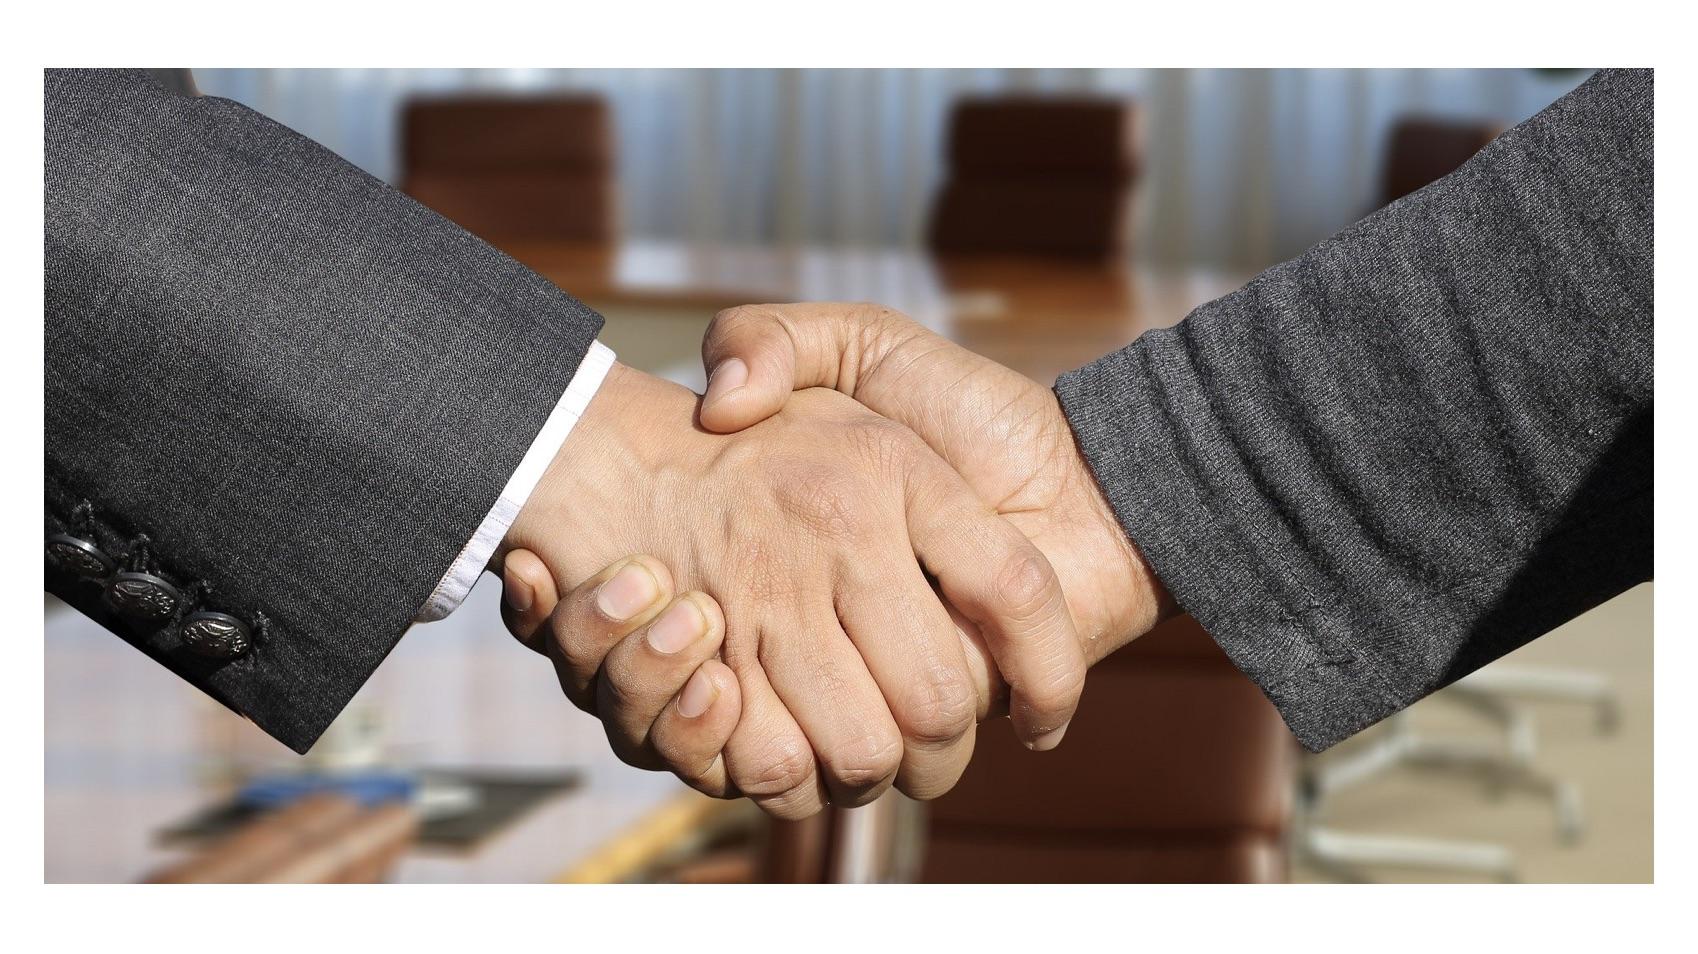 ローソン×KDDI | 資本業務提携を発表、データや金融サービスを絡めた次世代型コンビニサービスを展開